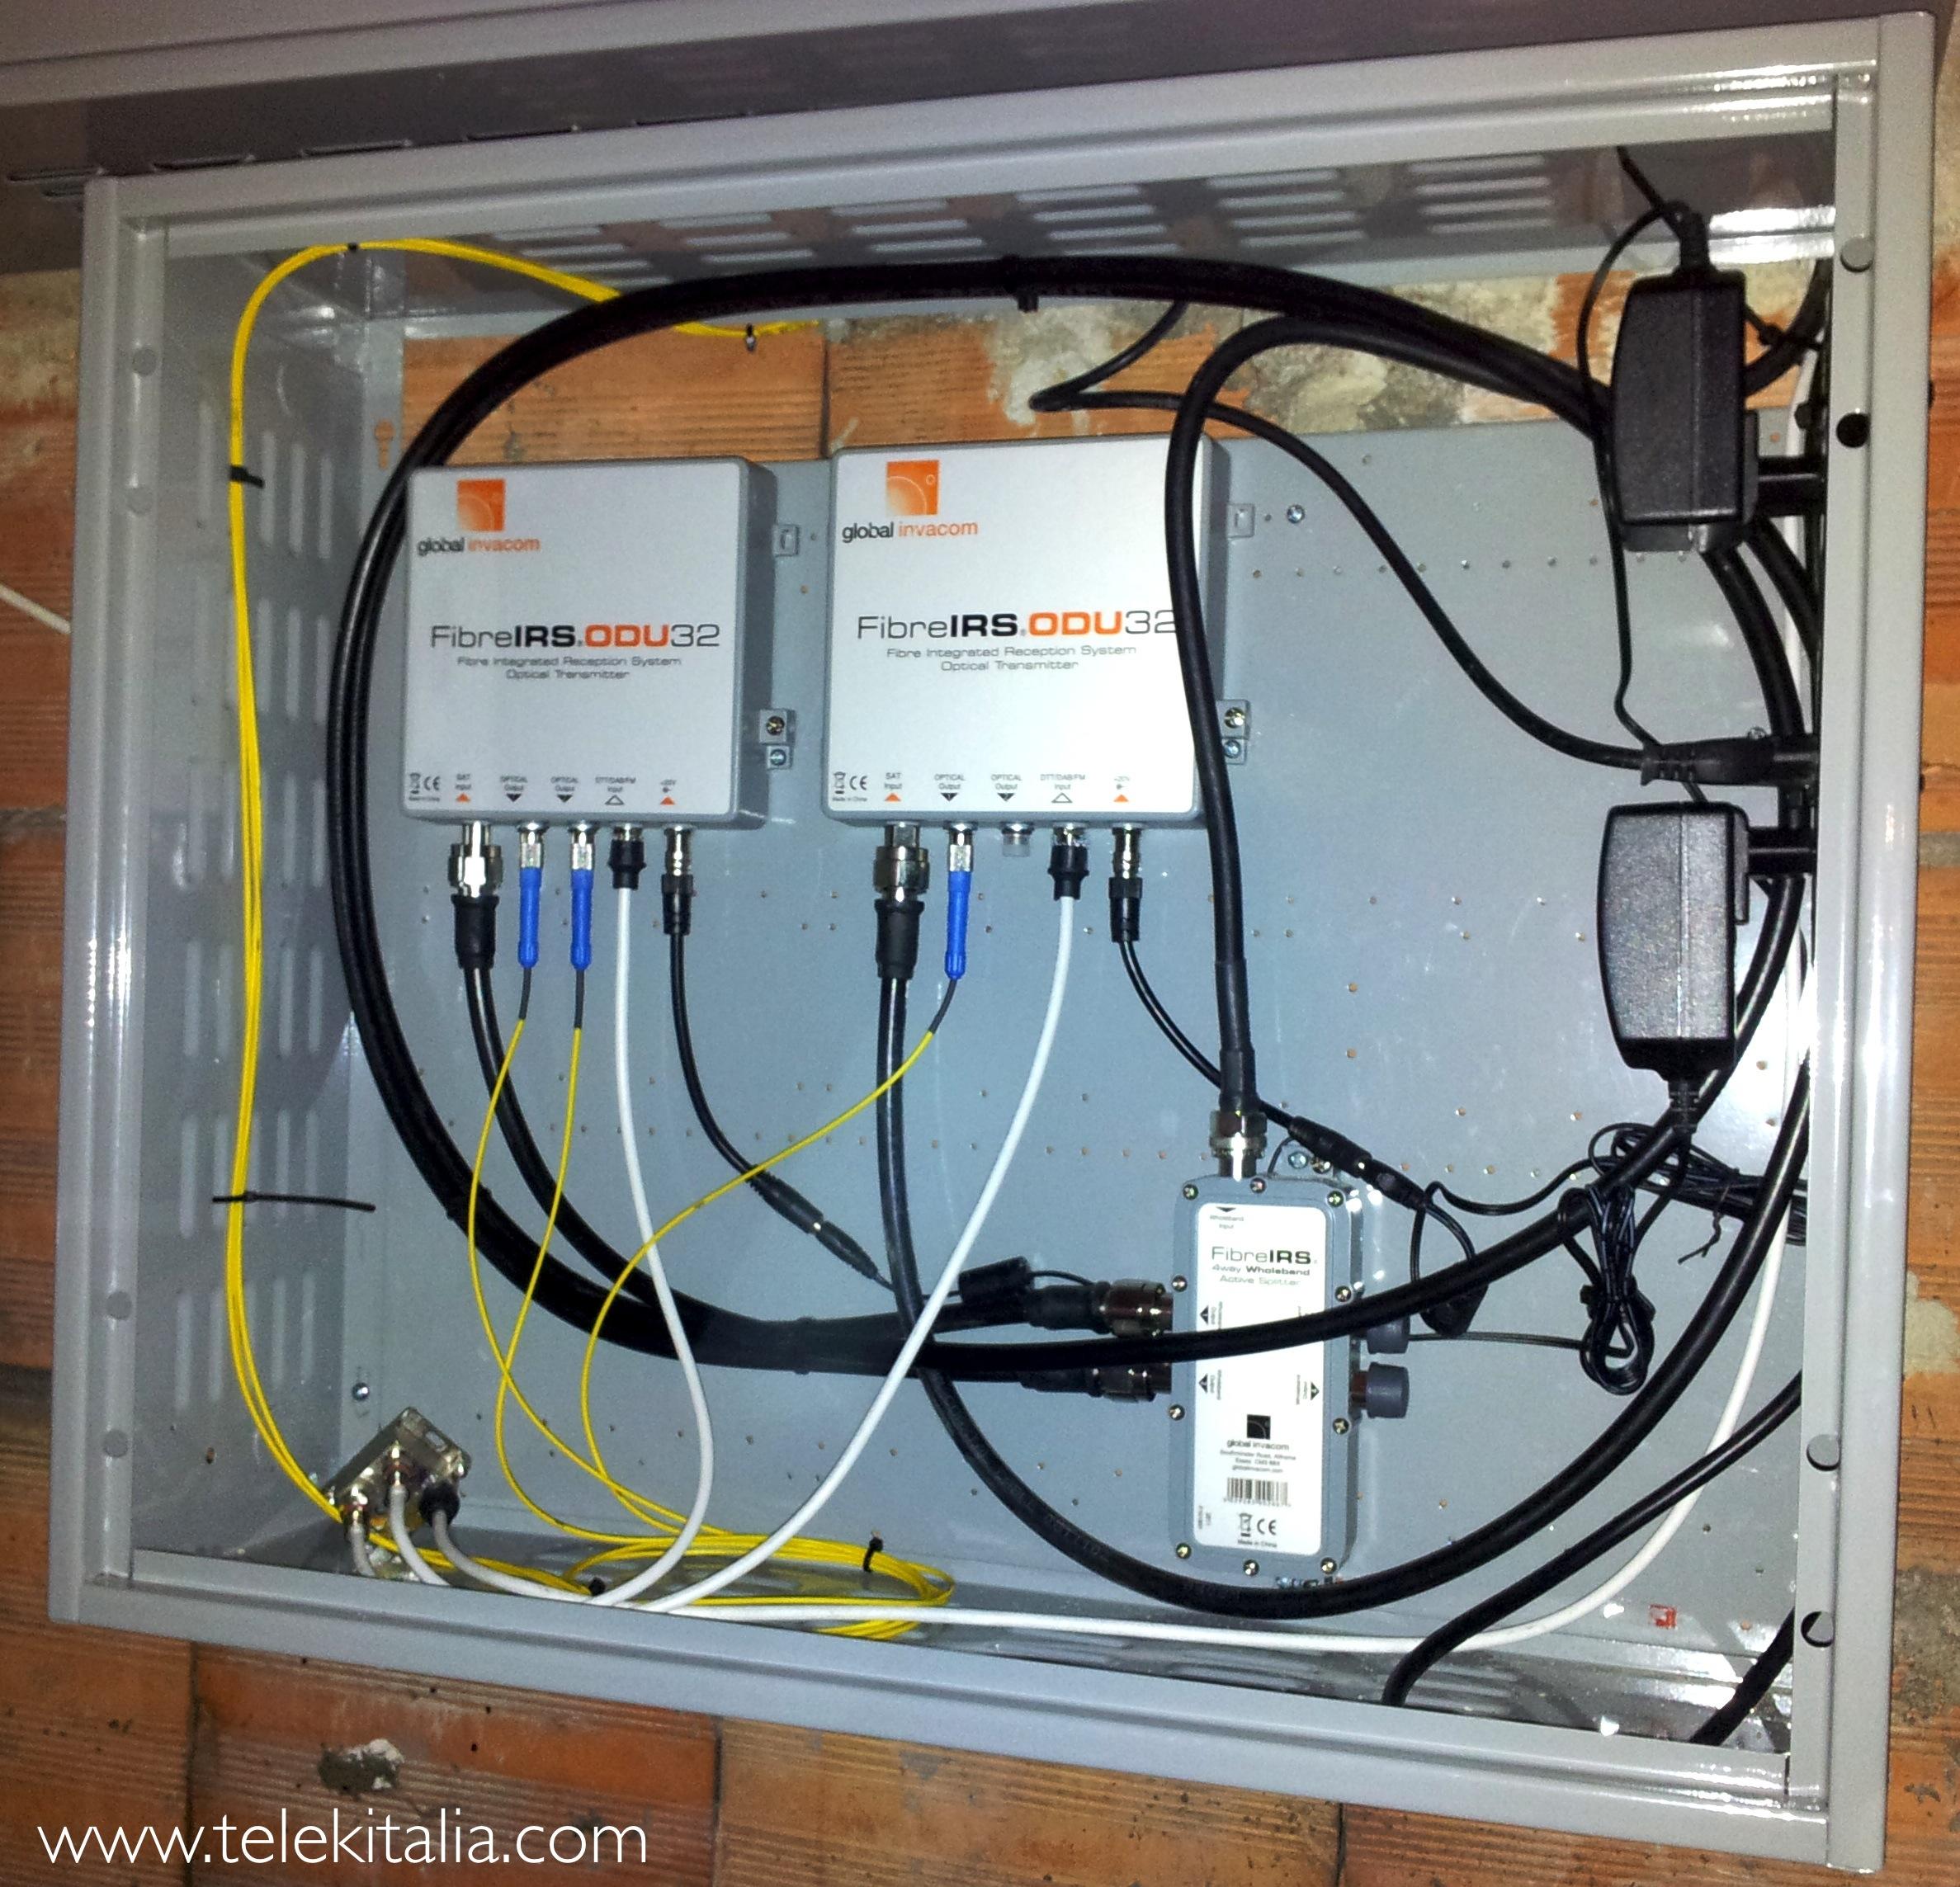 Schema Cablaggio Fibra Ottica : Impianto tv fibra ottica